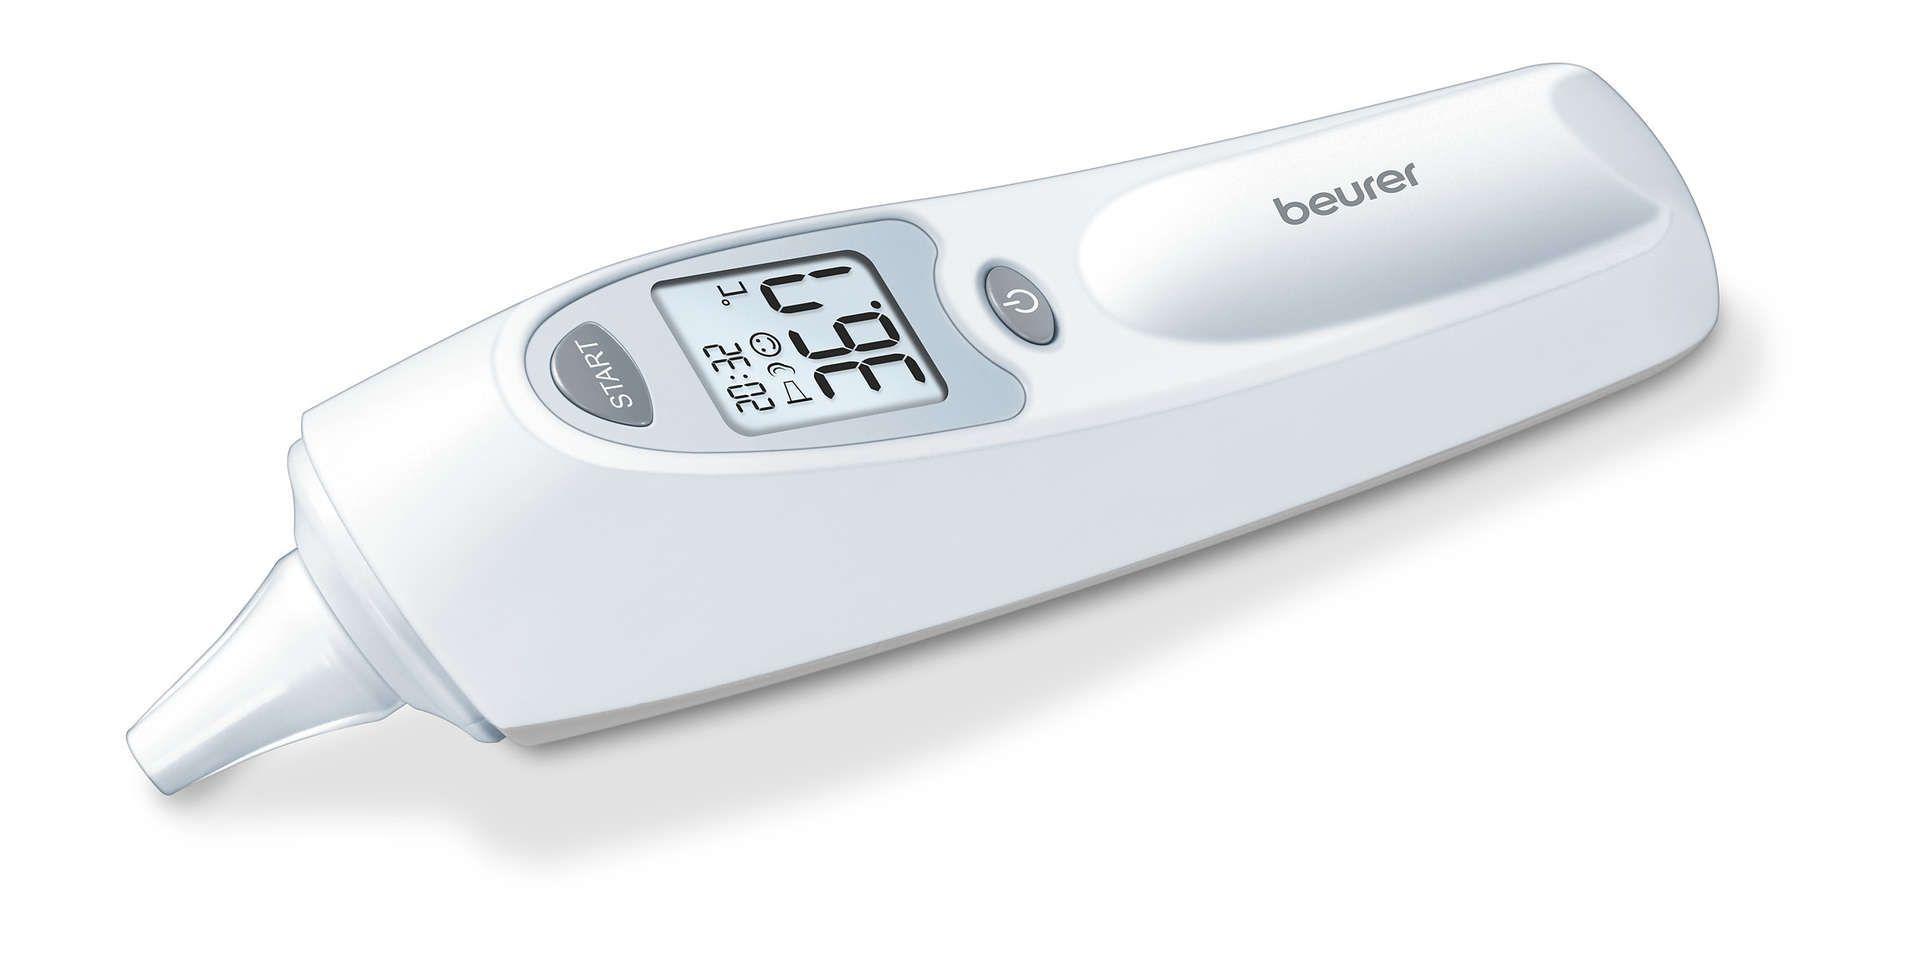 beurer termometer ft 90 test